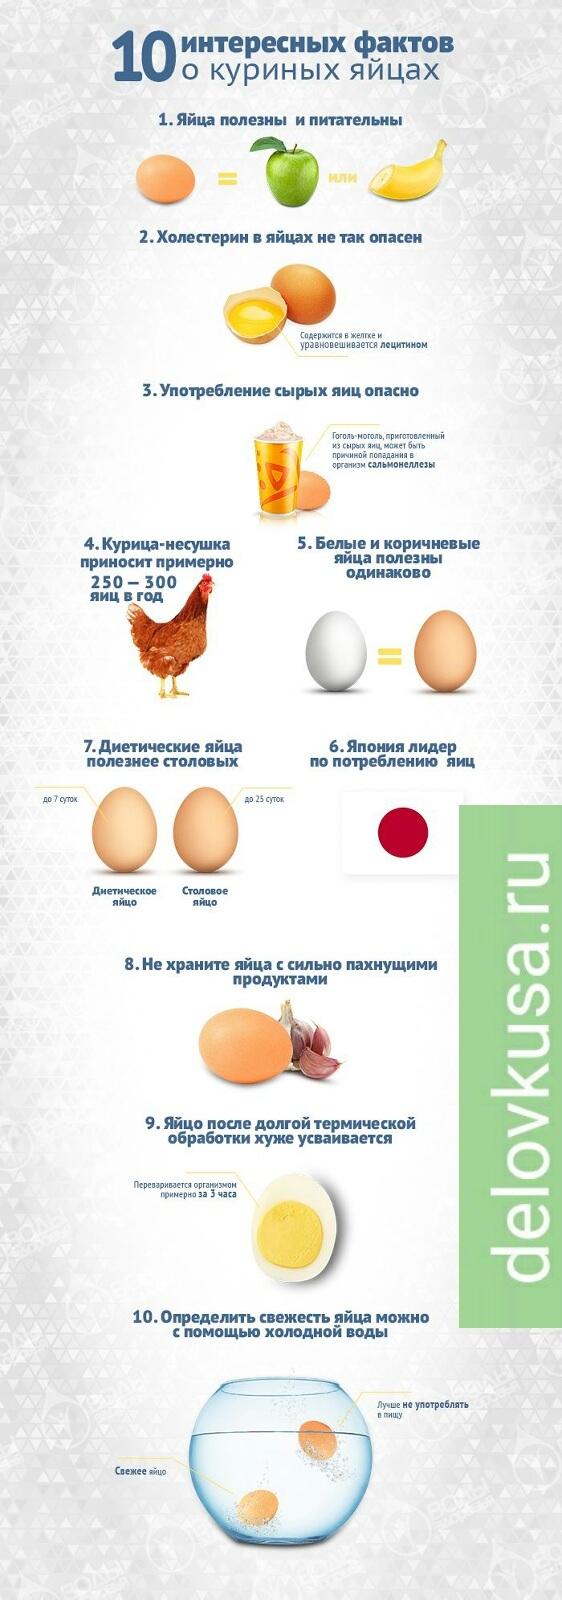 яйцо польза вред интресные факты